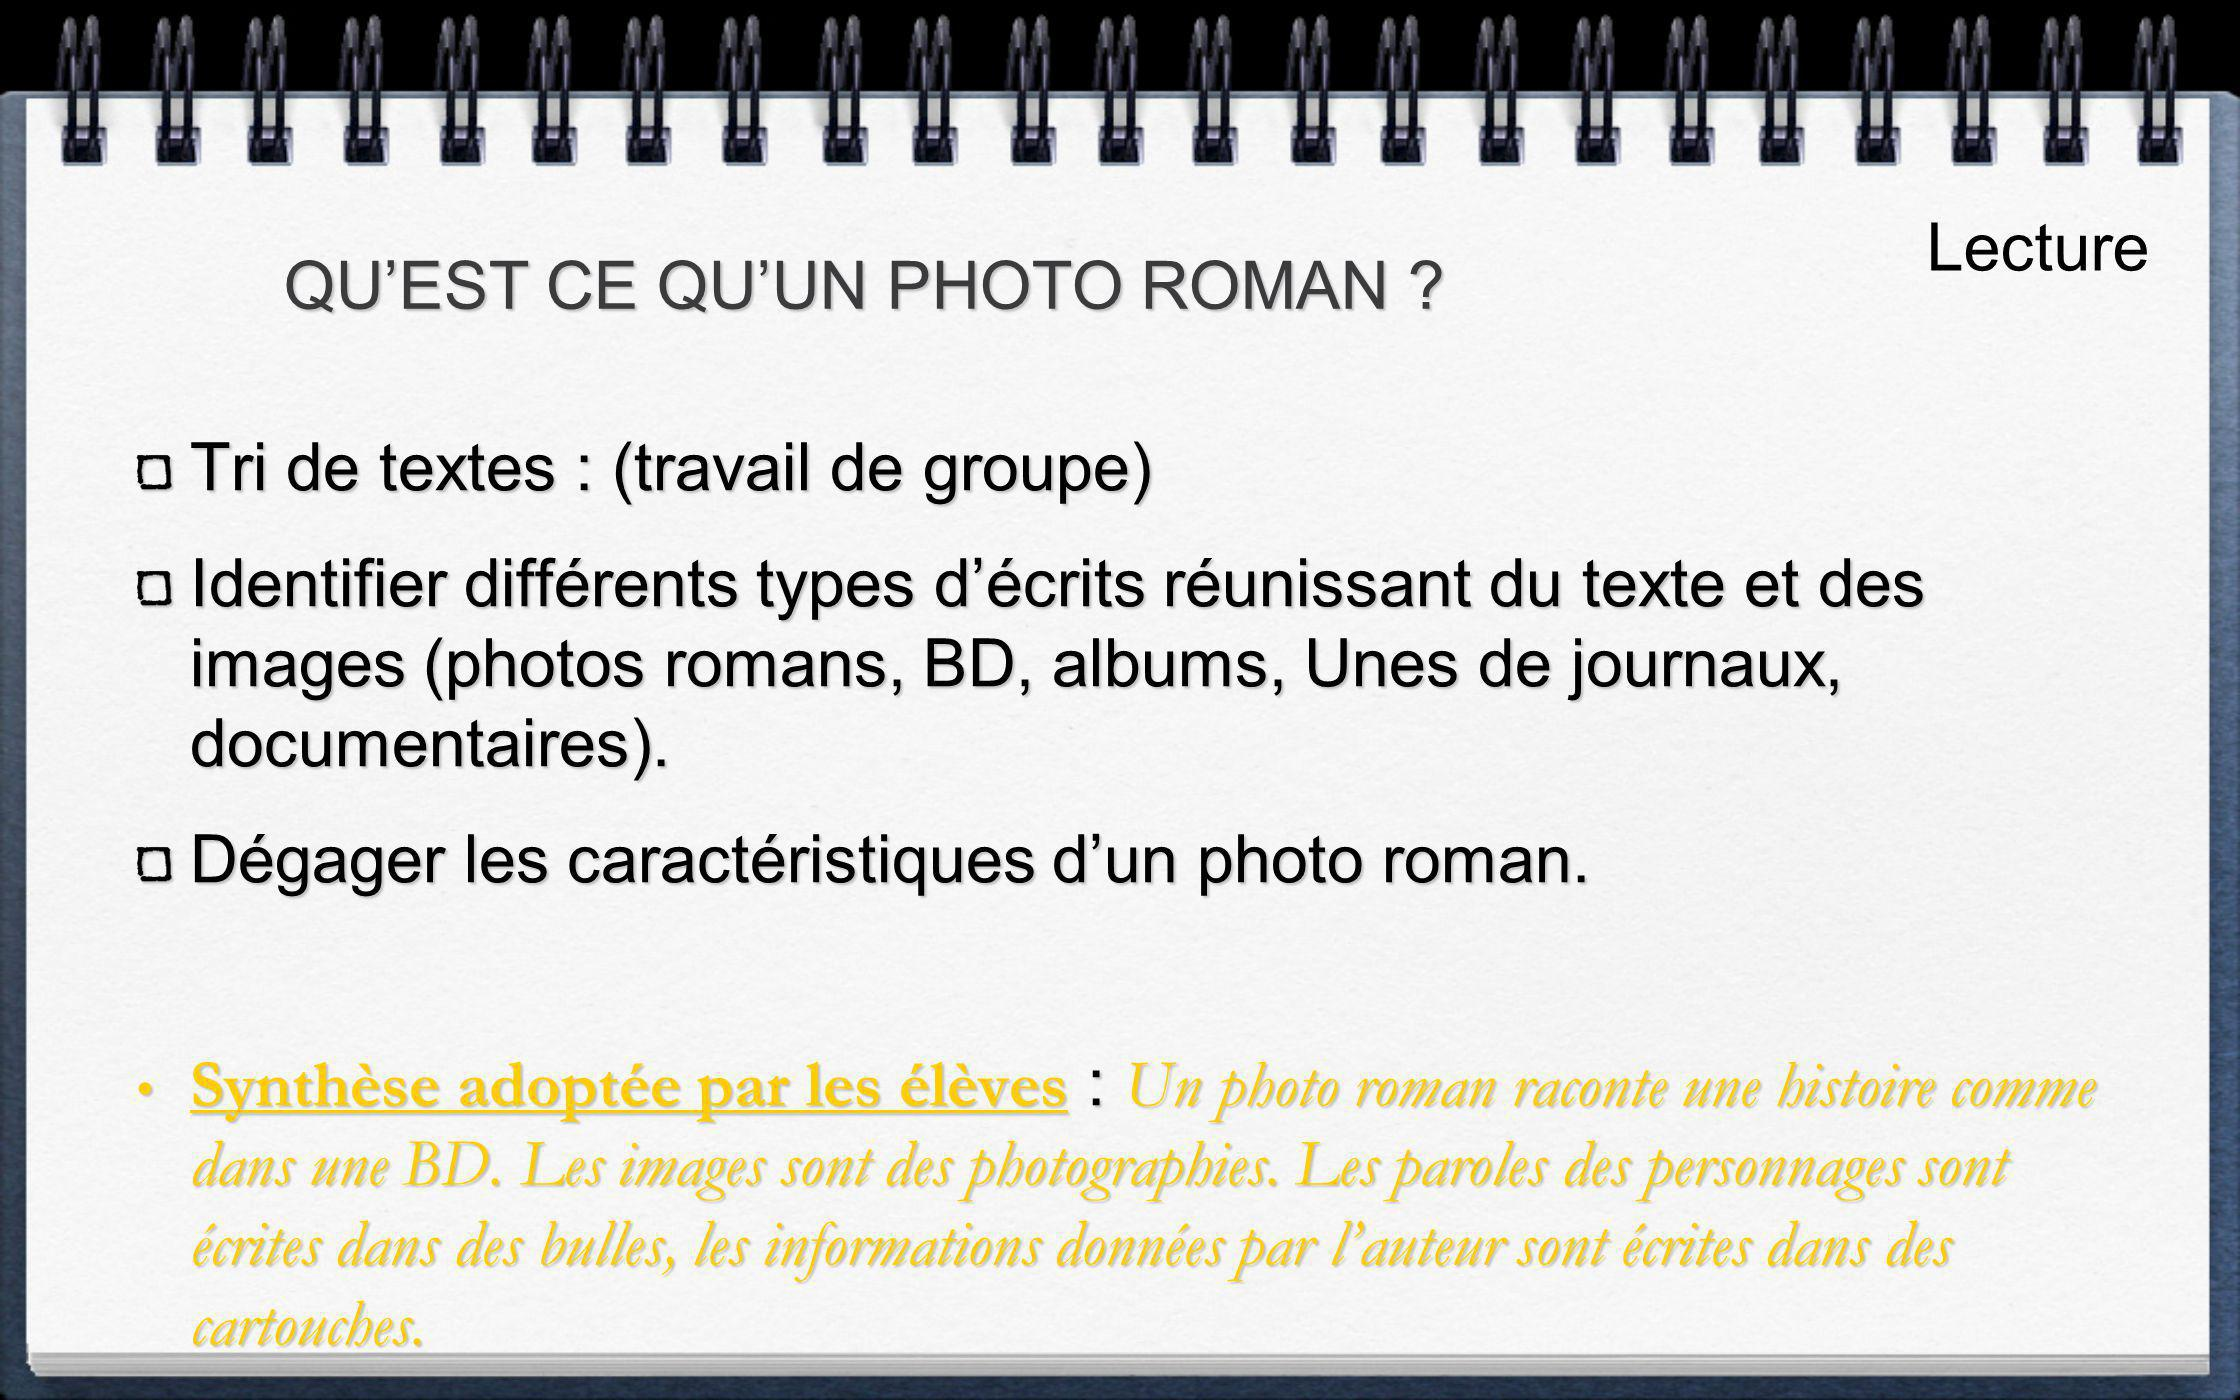 QU'EST CE QU'UN PHOTO ROMAN